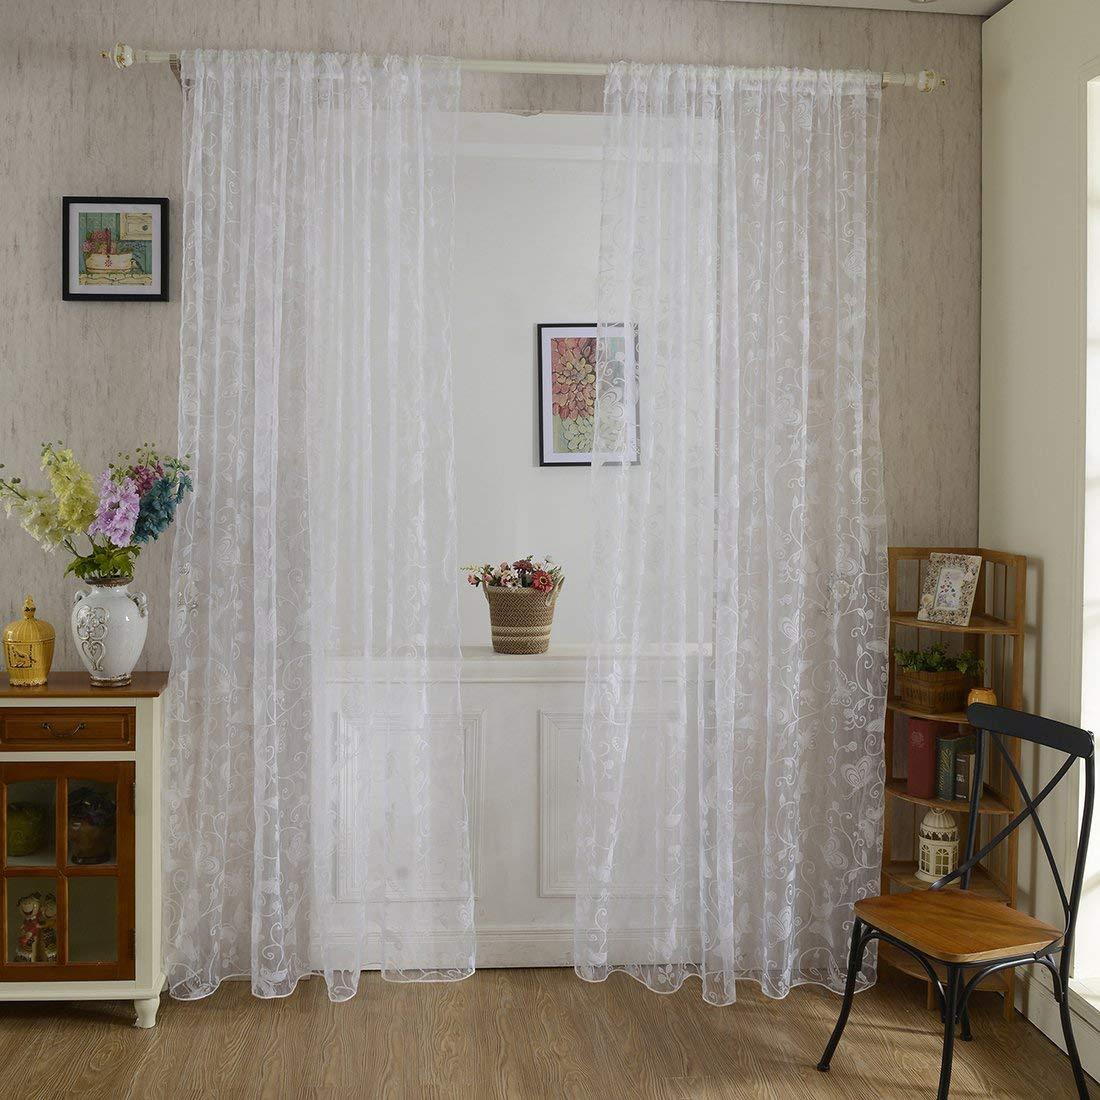 2er 200x100CM Gardinen Set Beflockung Fenstersiebung Voile Schlaufenschal T/üll Fenster Vorhang Garn f/ür Schlafzimmer und Wohnzimmer AOOPOO Vorhang Transparent Schmetterlingsmuster Lila